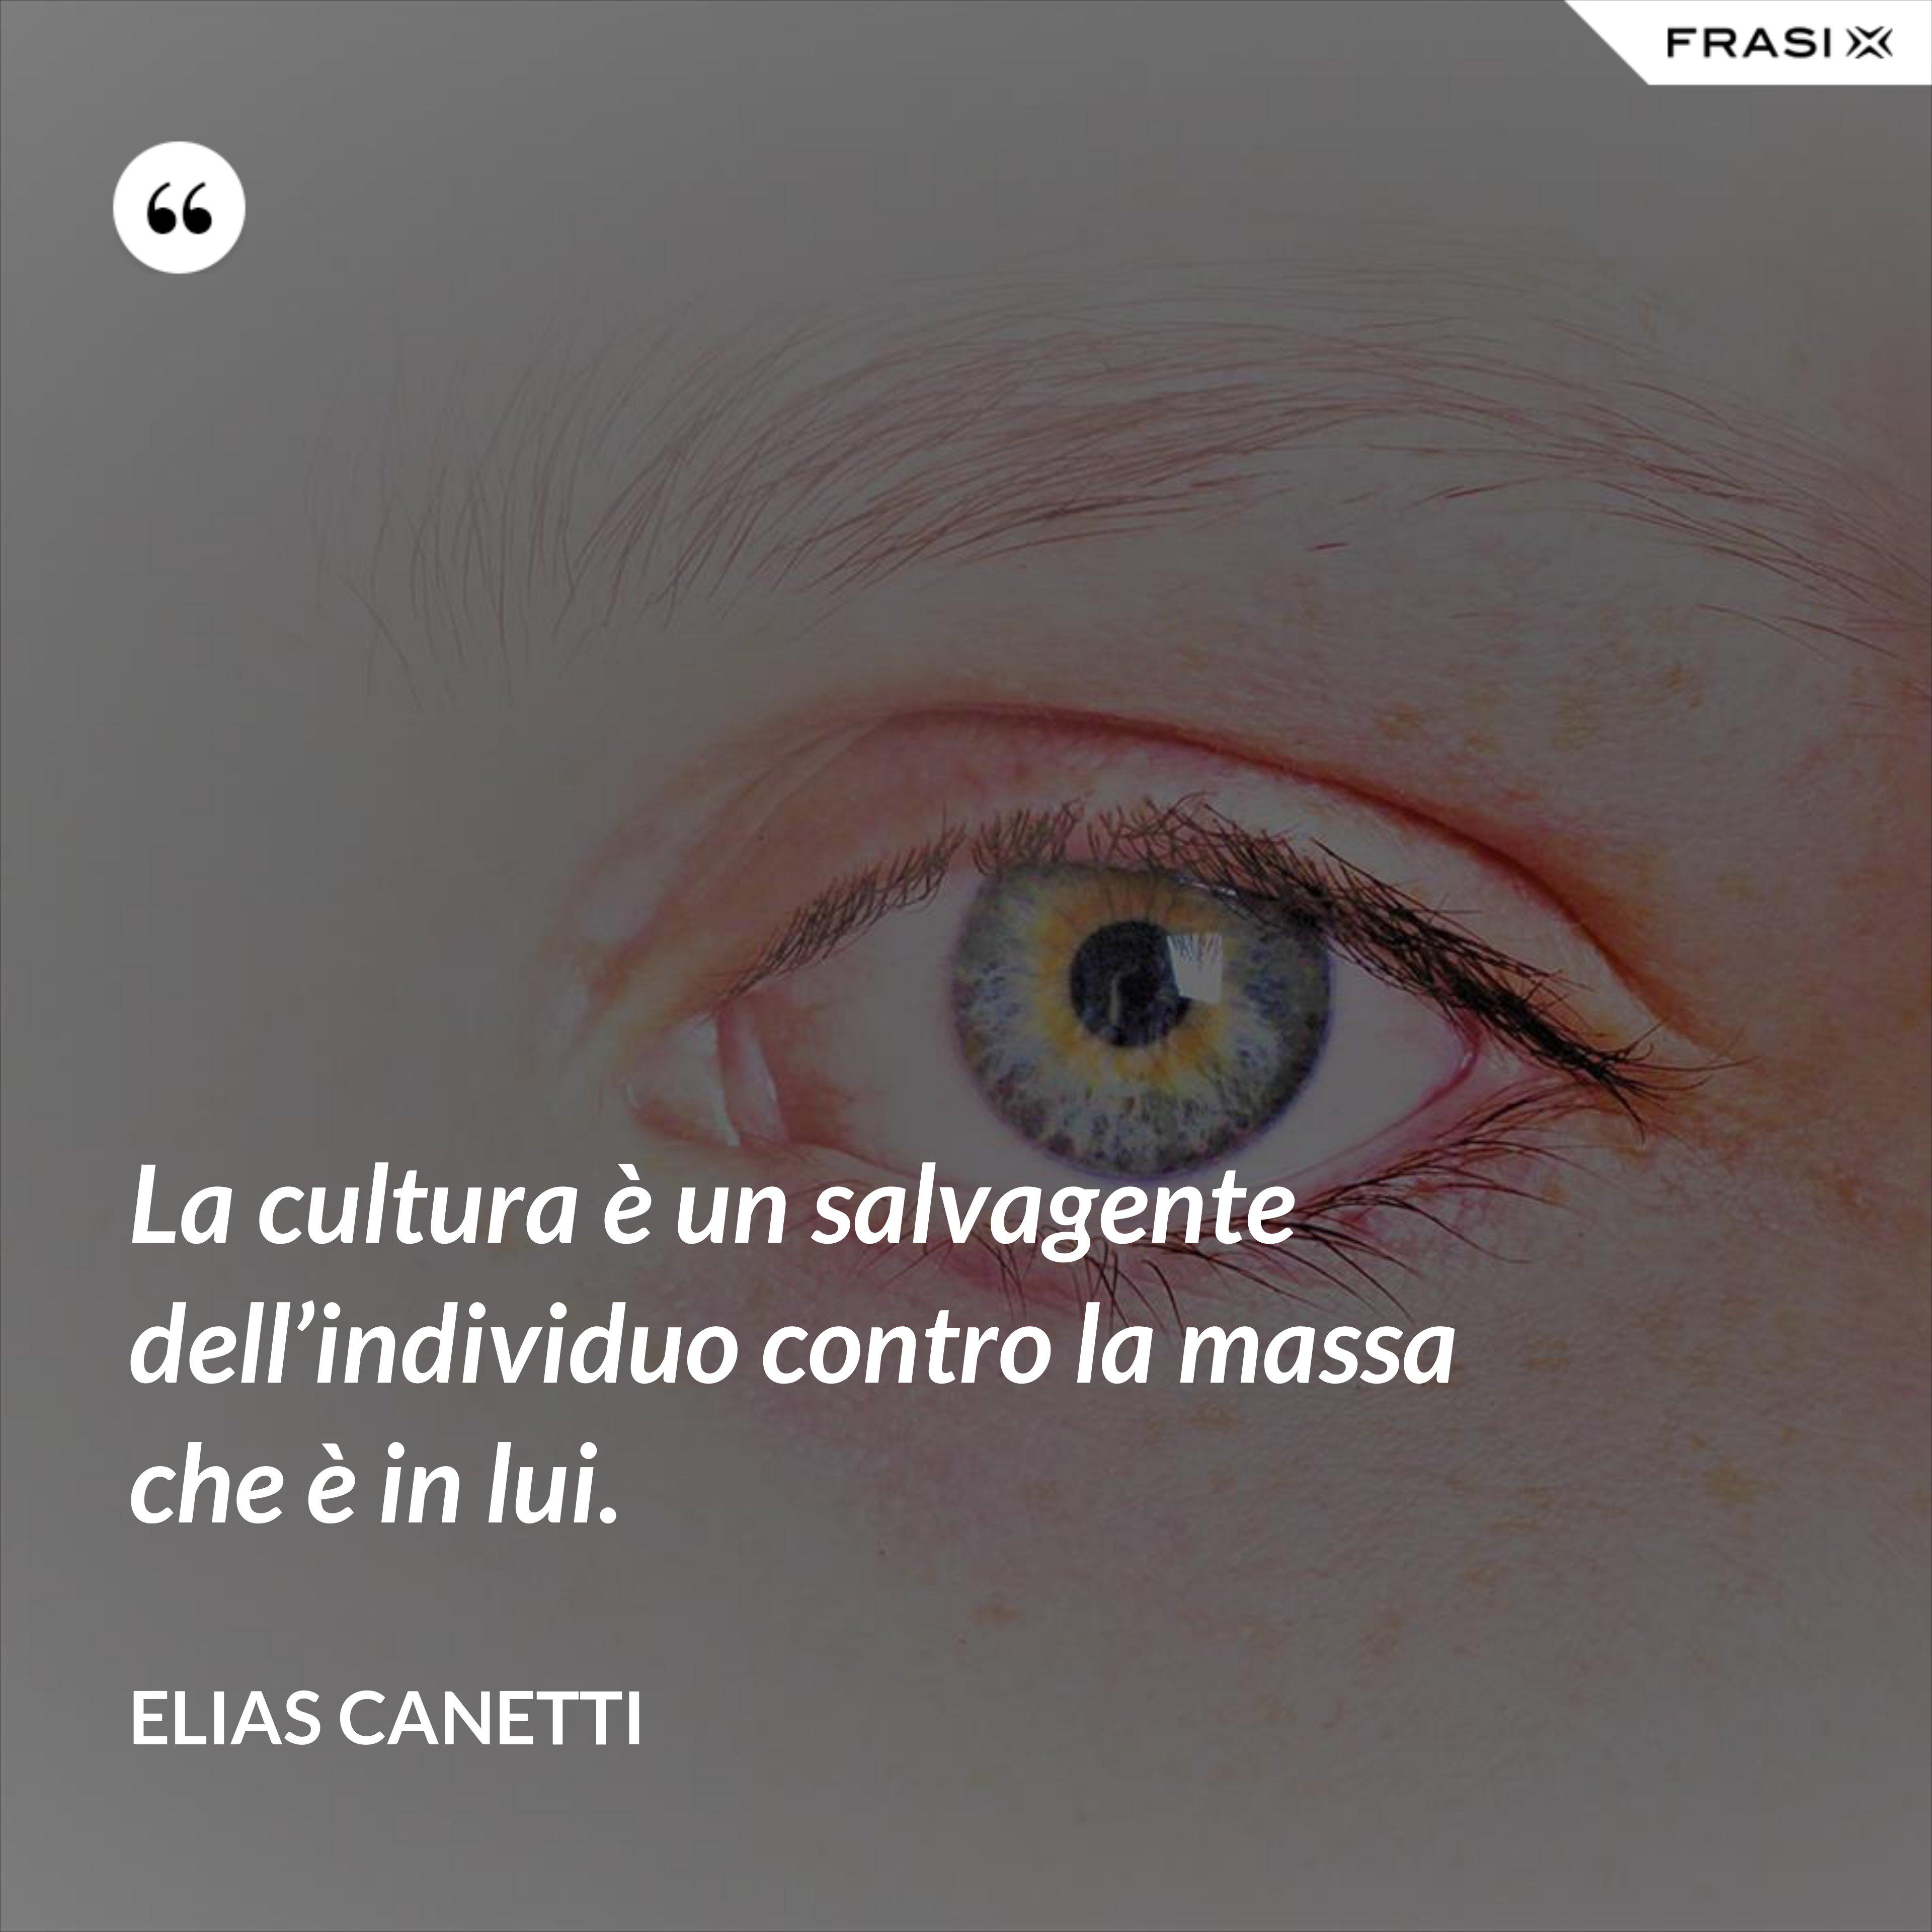 La cultura è un salvagente dell'individuo contro la massa che è in lui. - Elias Canetti